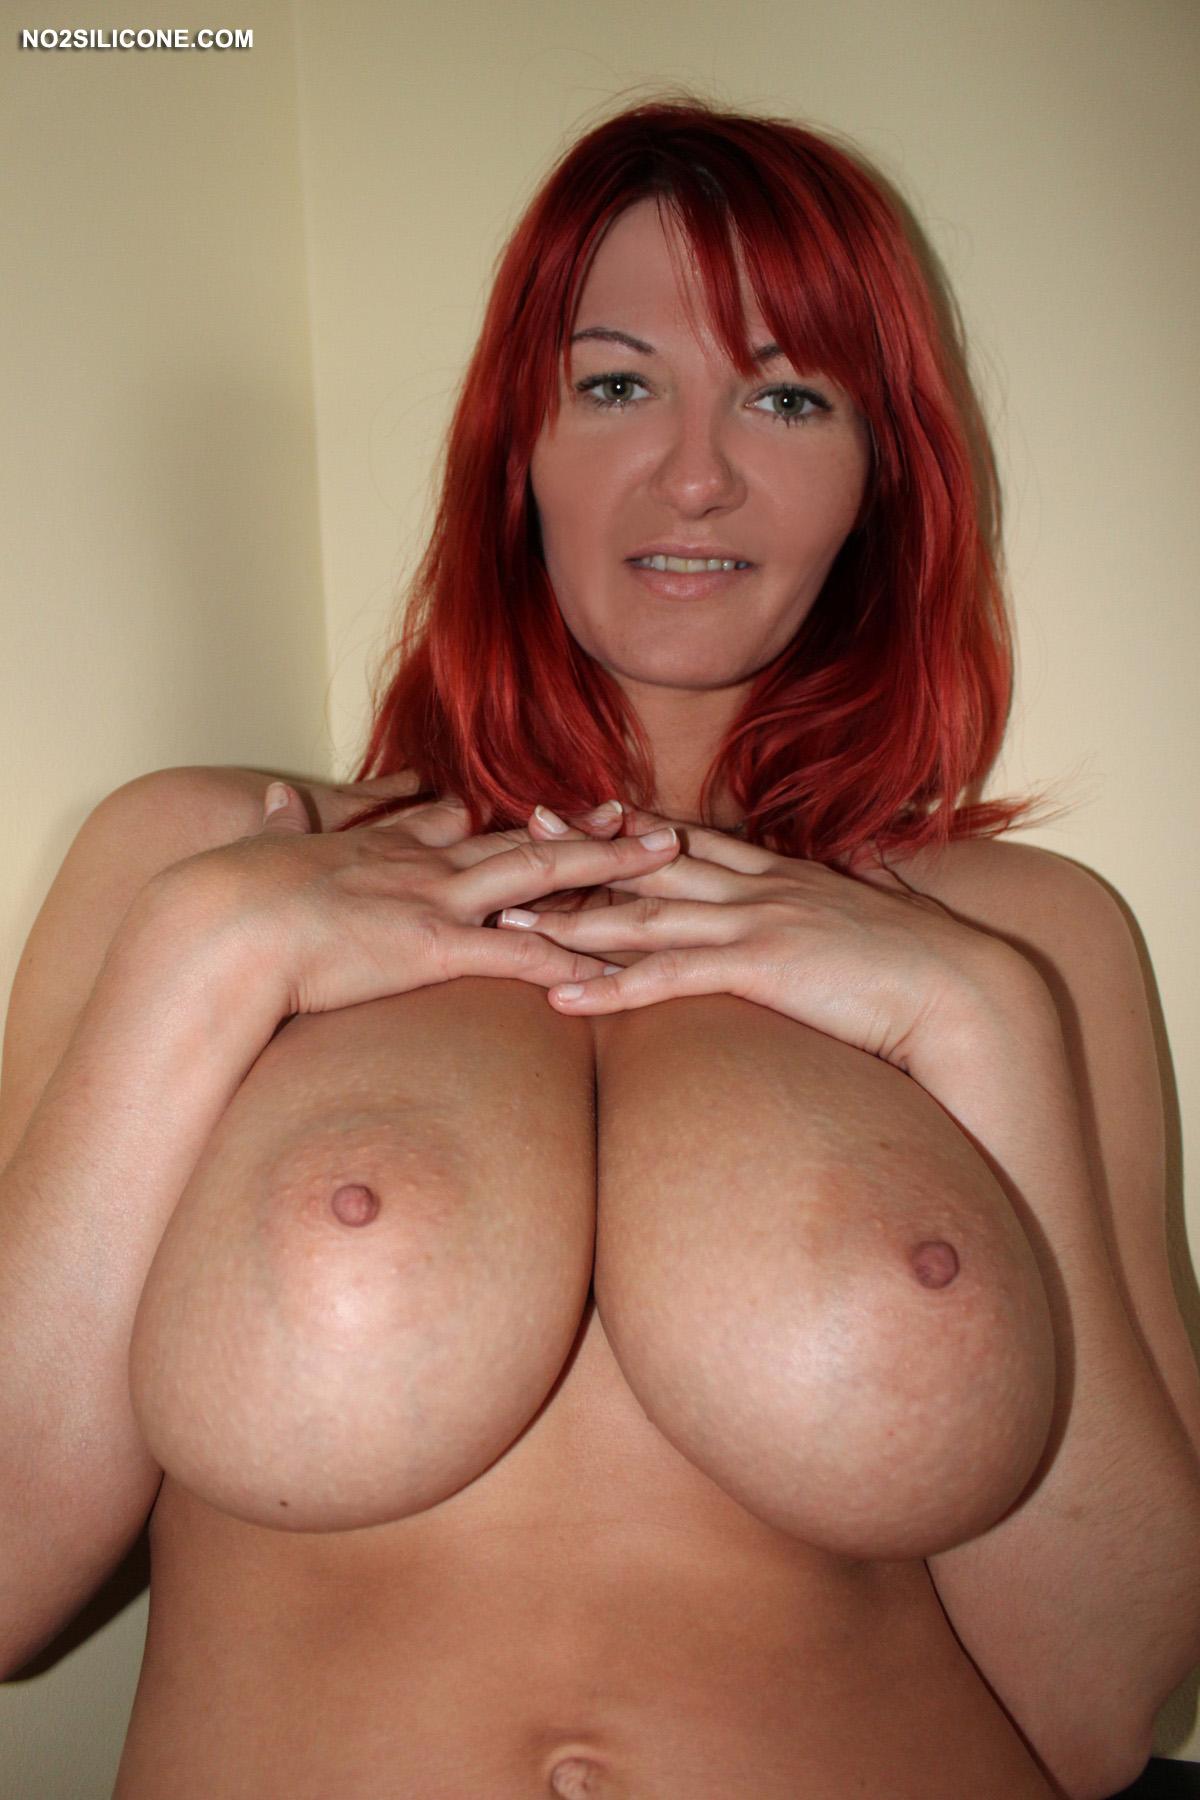 vanessa big boobs porn